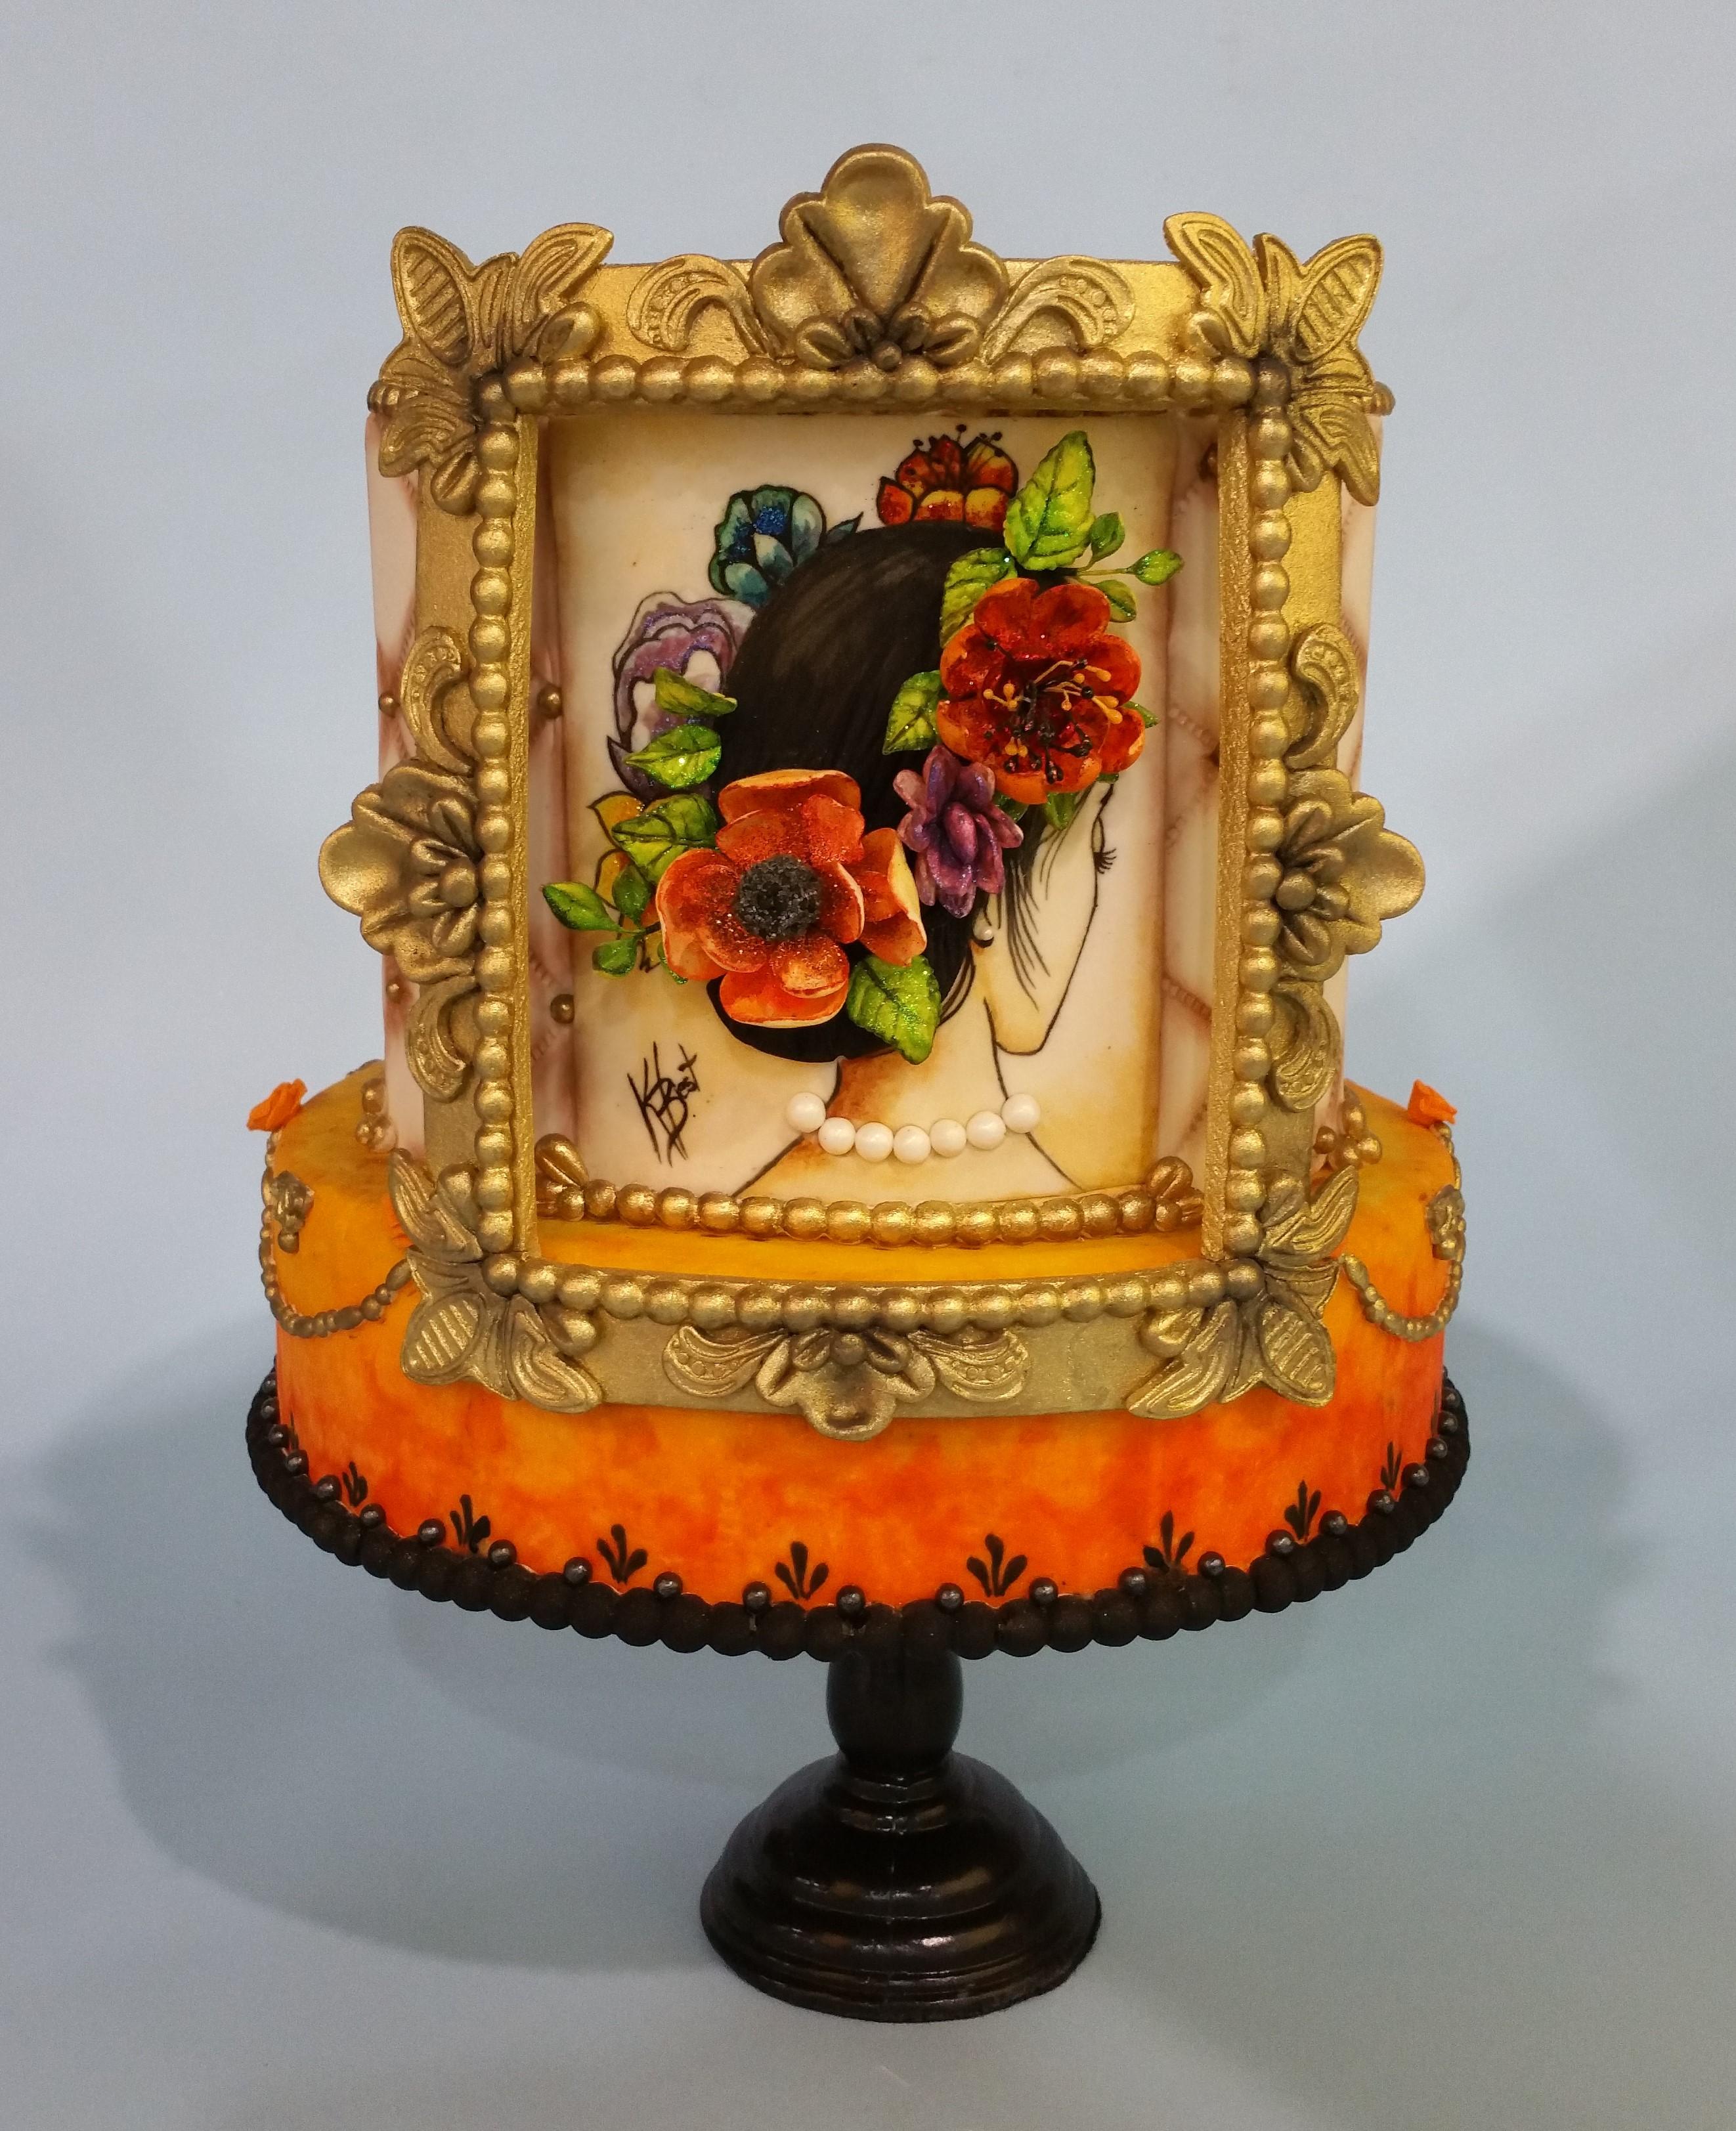 Vintage picture frame sugar flower cake